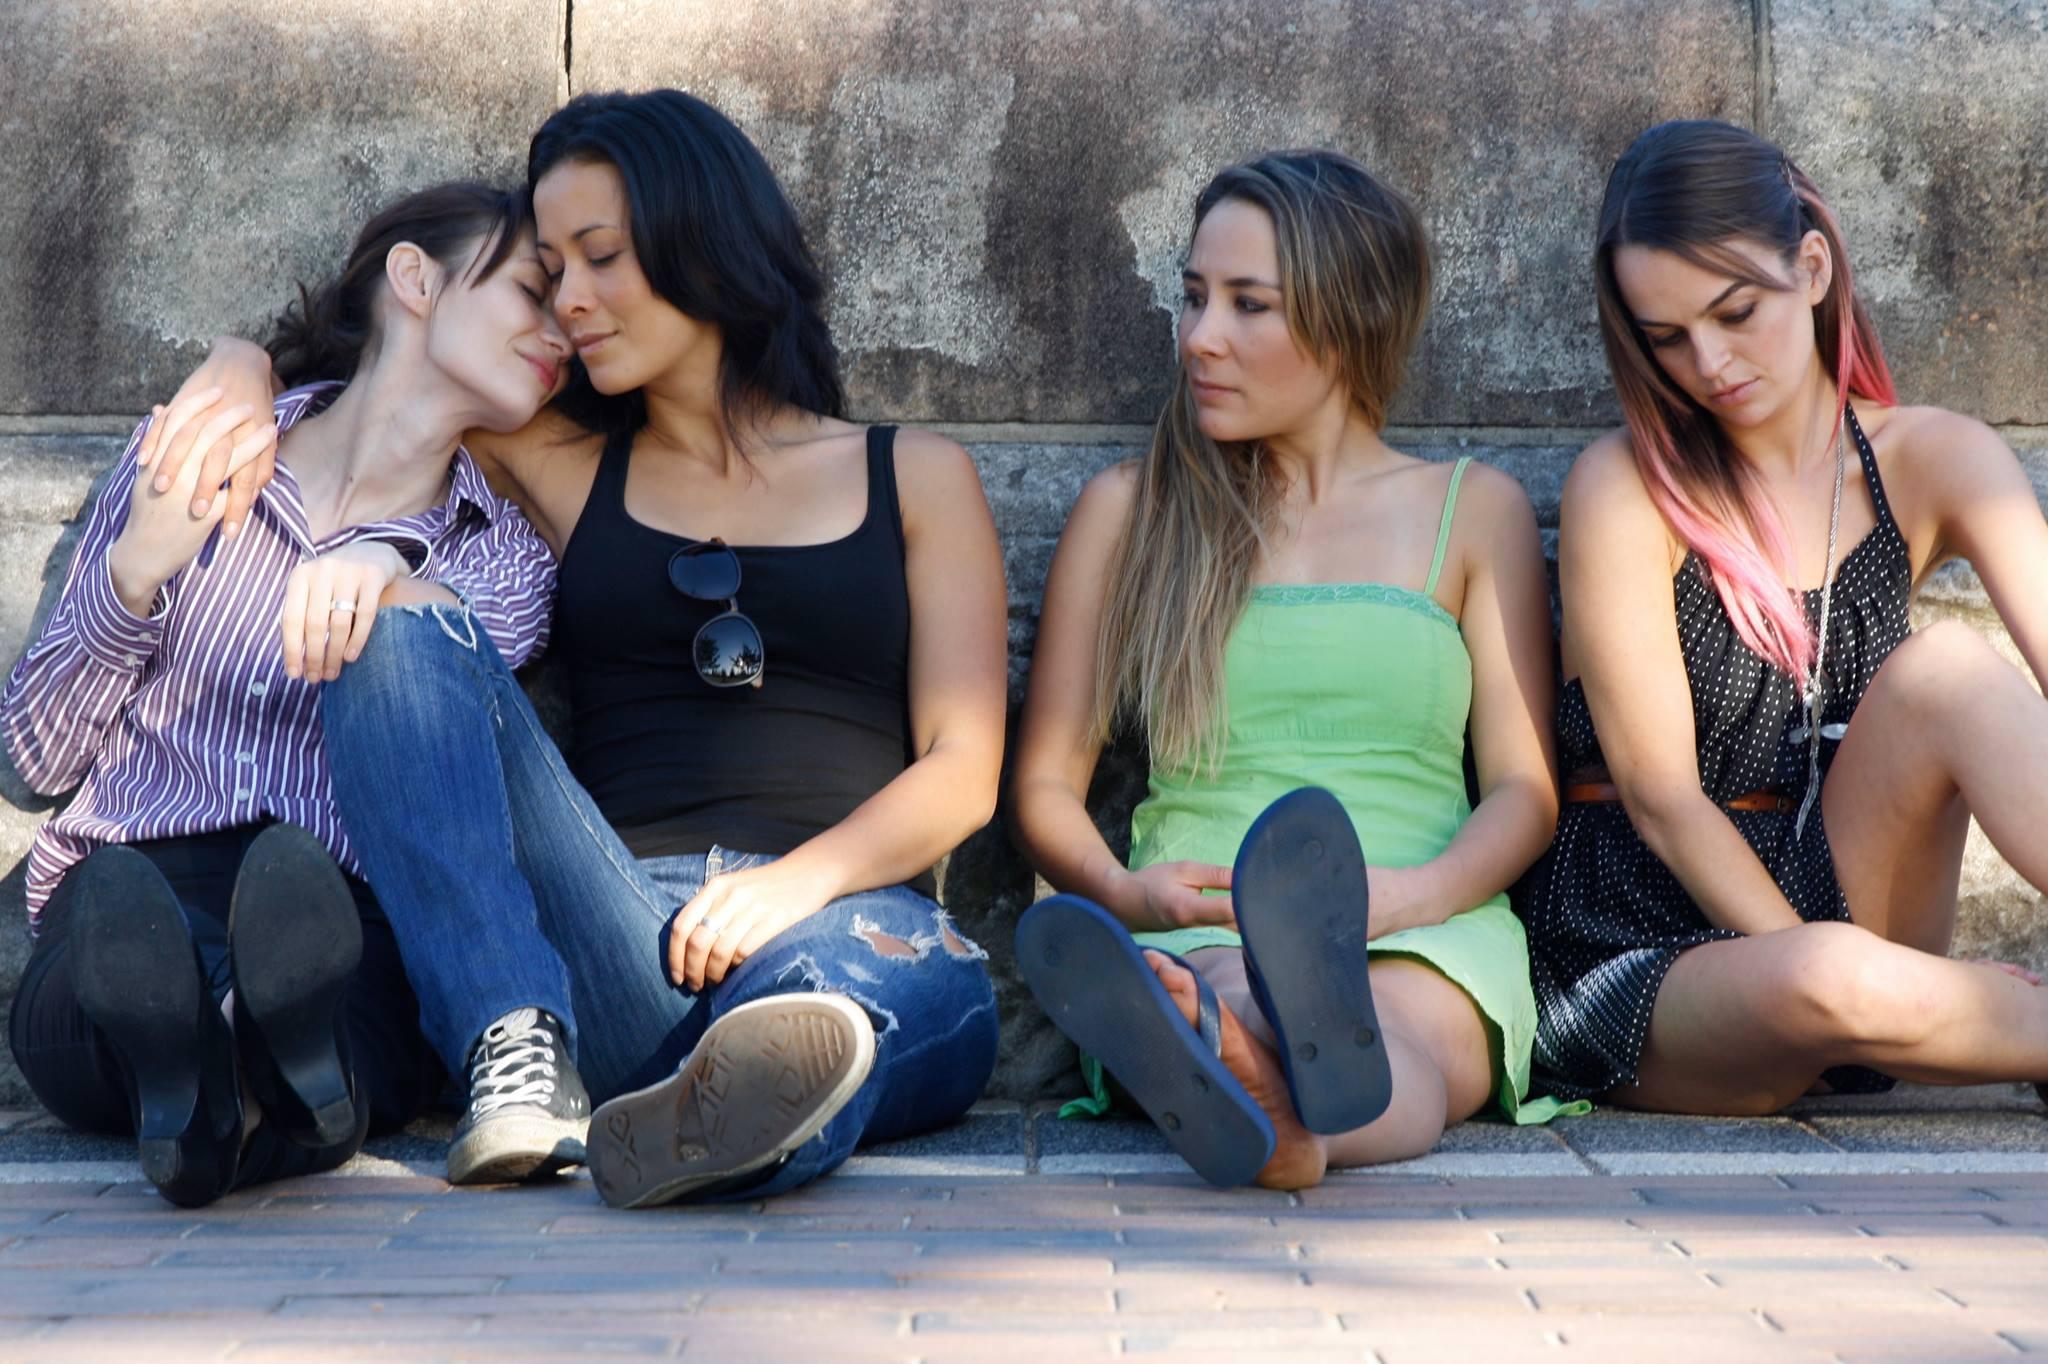 Lesbienne et sexy, la nouvelle web série made in Australie